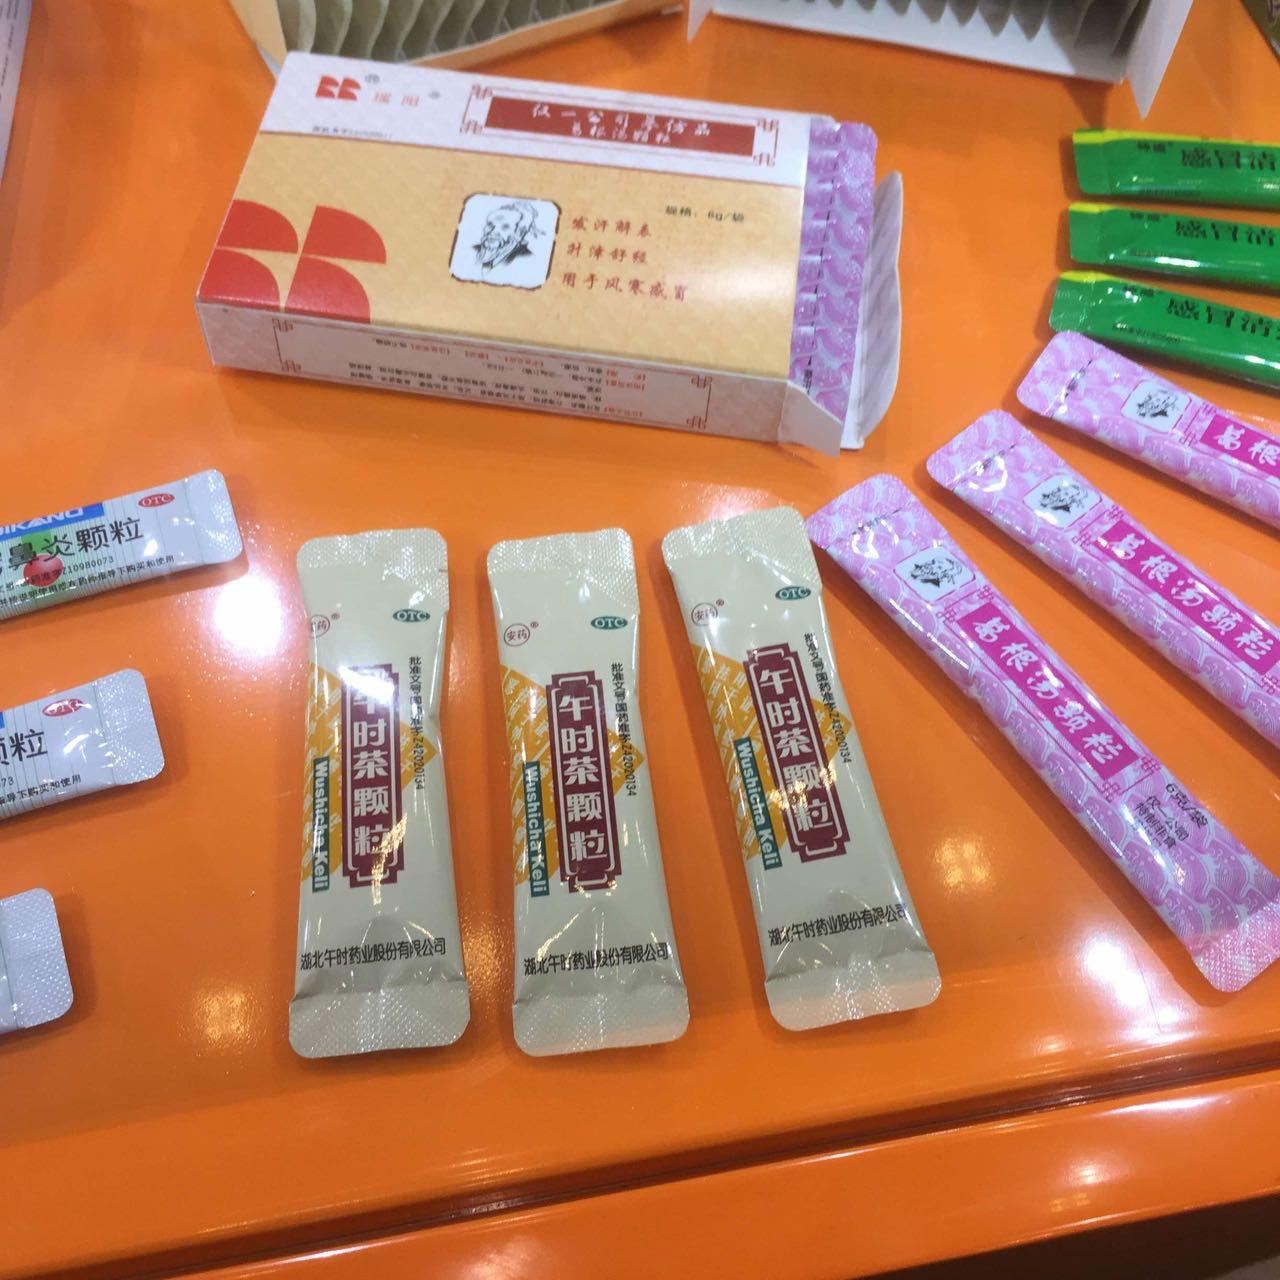 来自张箭发布的供应信息:药品内包材欢迎来电垂询!... - 云南名博包装印刷有限公司